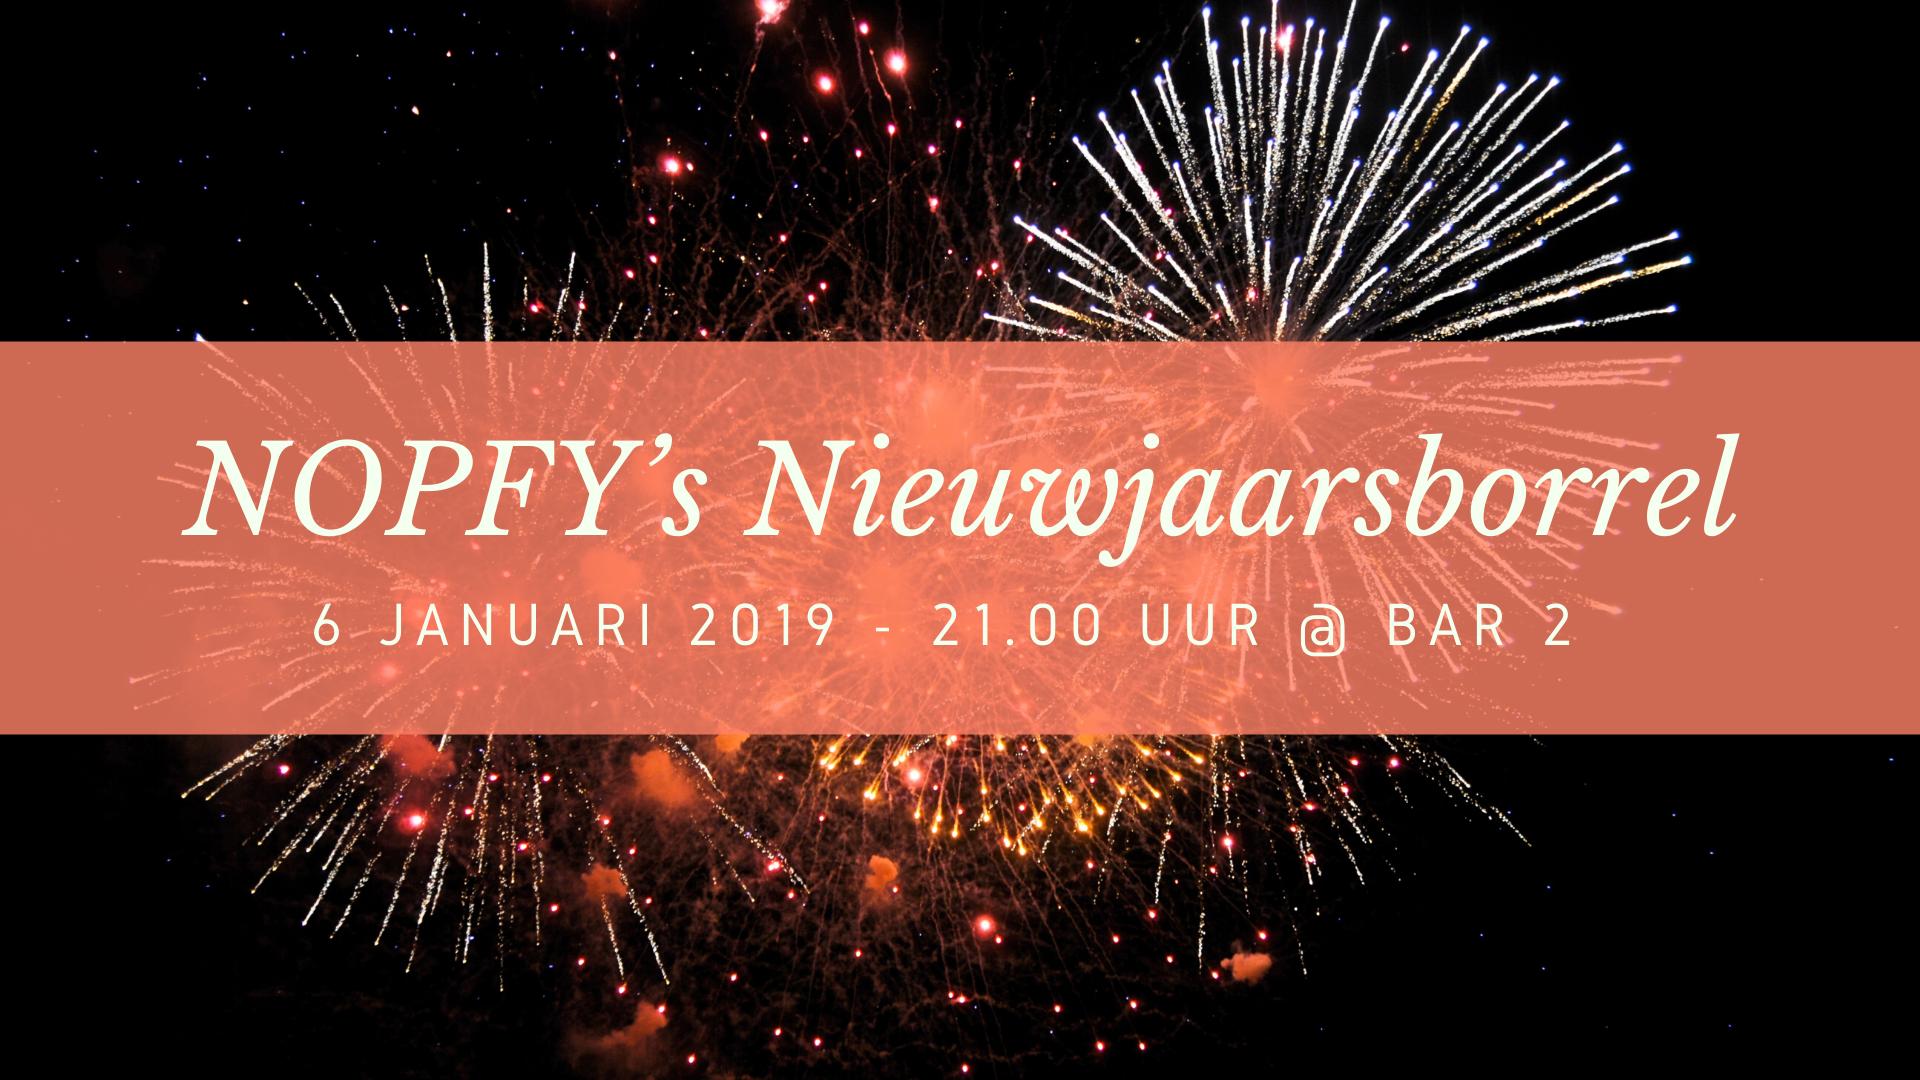 NOPFY'S Nieuwjaarsborrel!